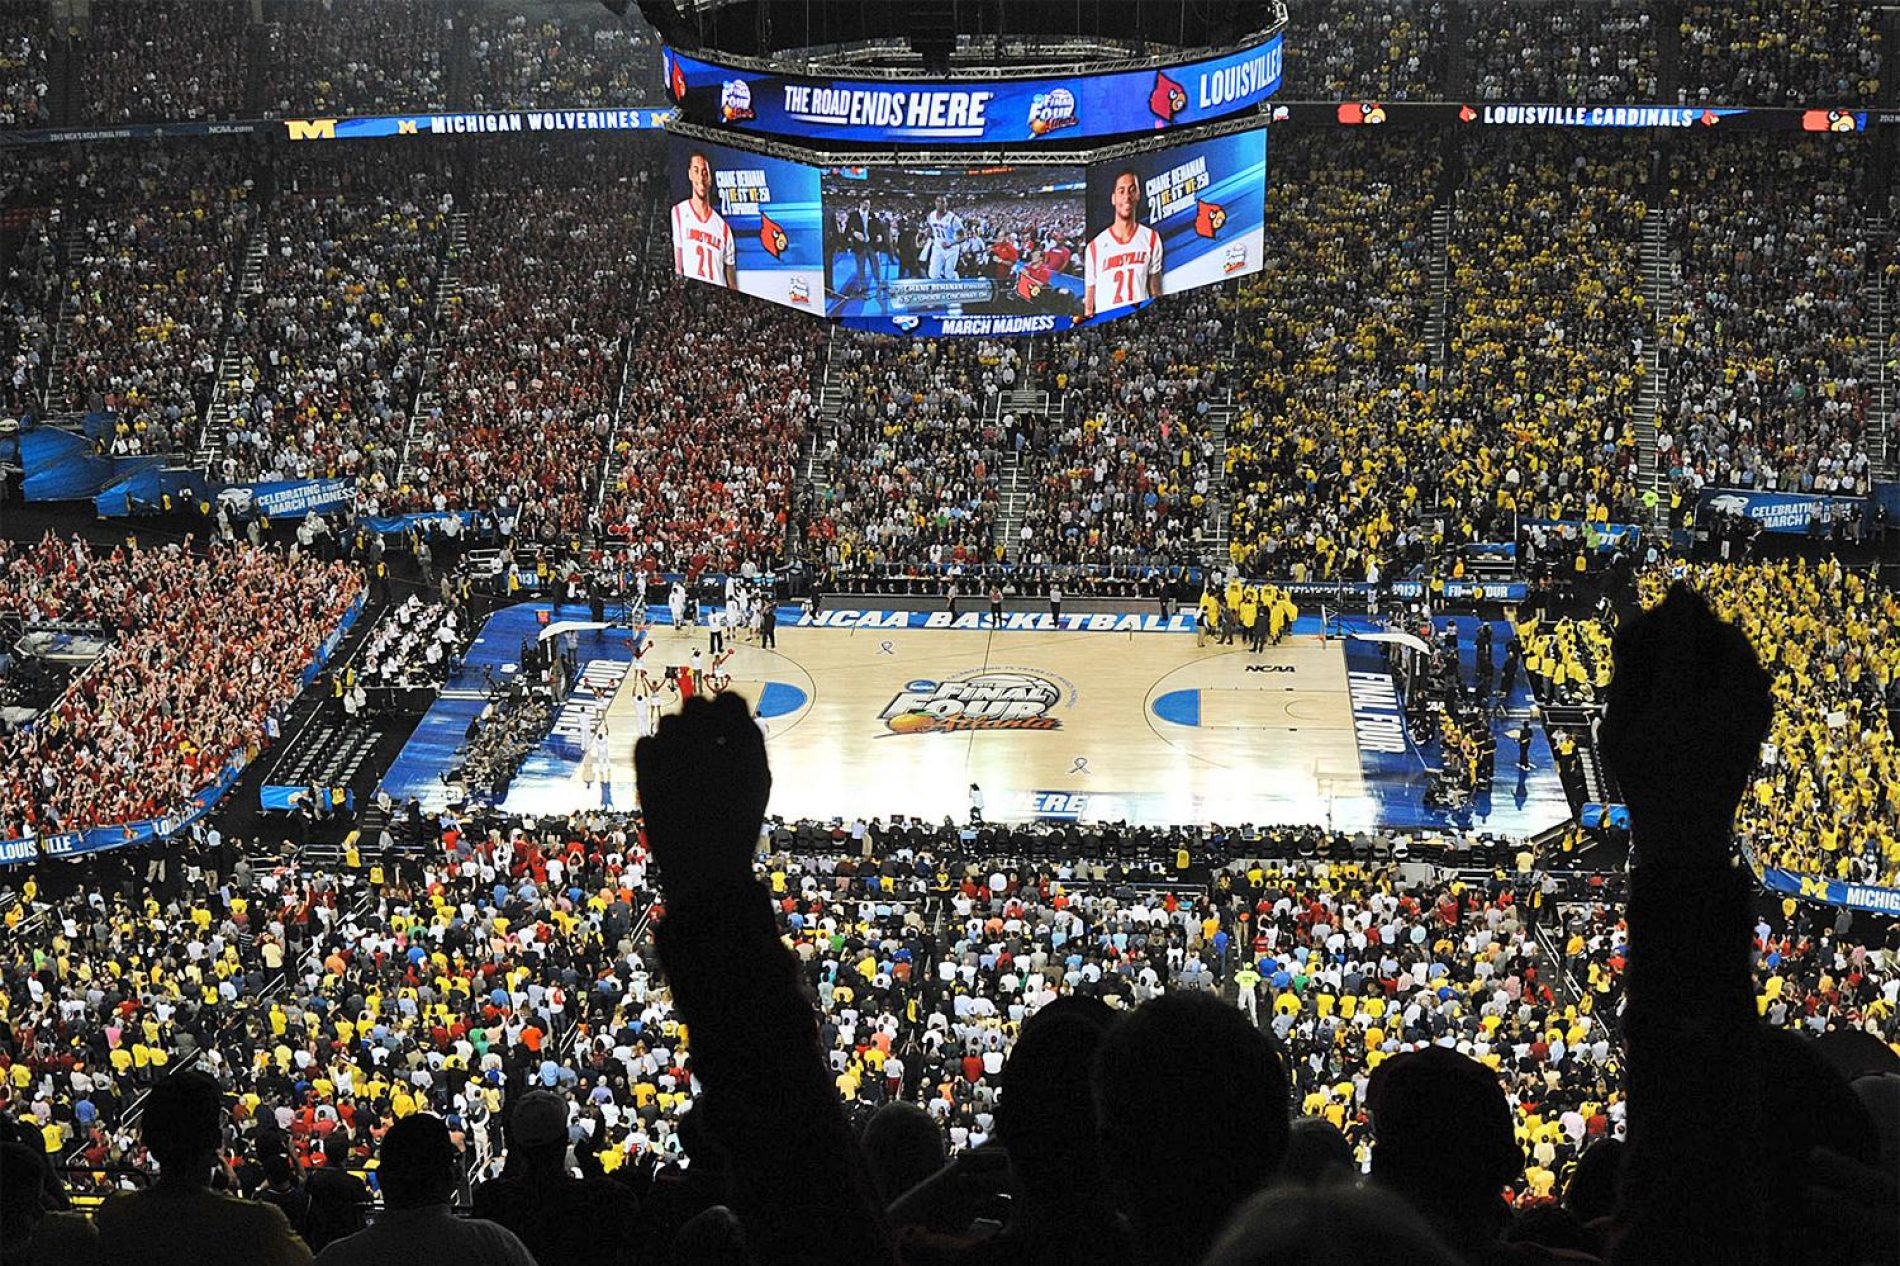 La March Madness NCAA: événement majeur du sport US